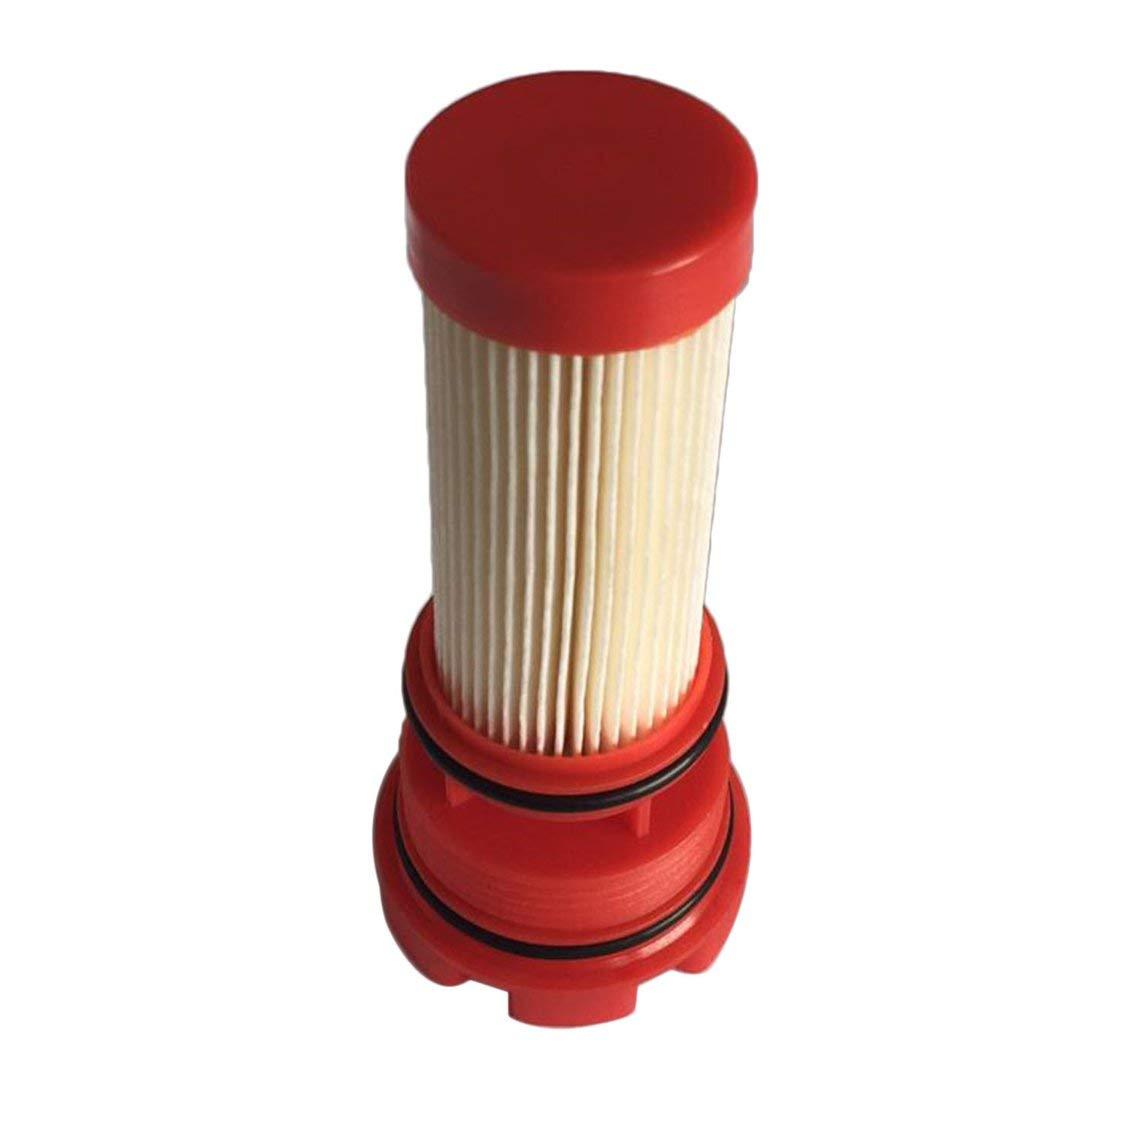 Mercury DFI OptiMax Verado Filtro de combustible rojo 35-884380T 35-8M0020349 18-7981